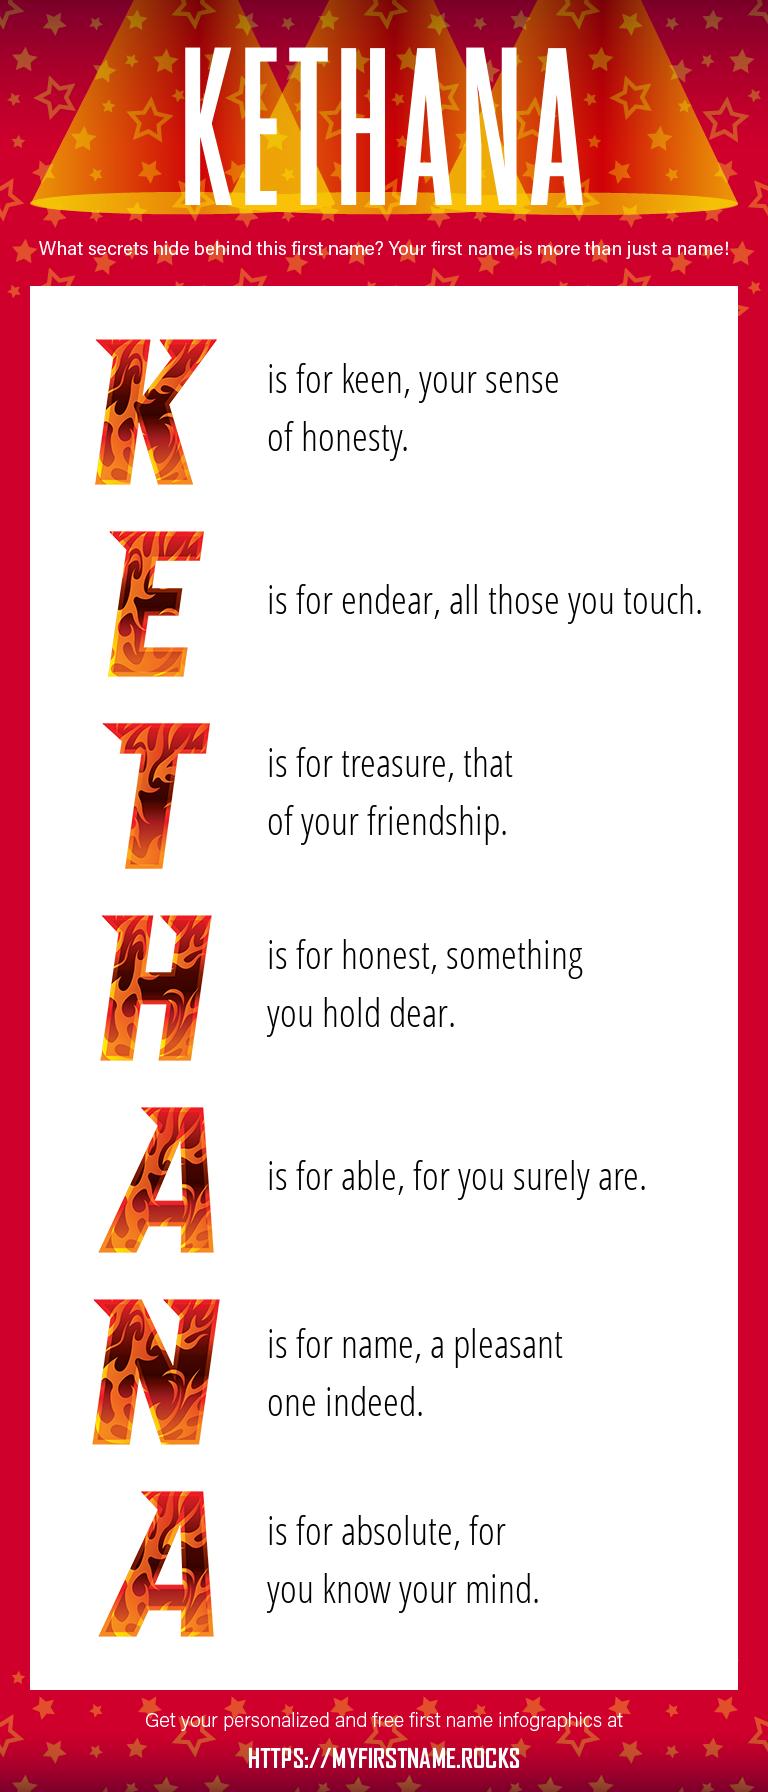 Kethana Infographics